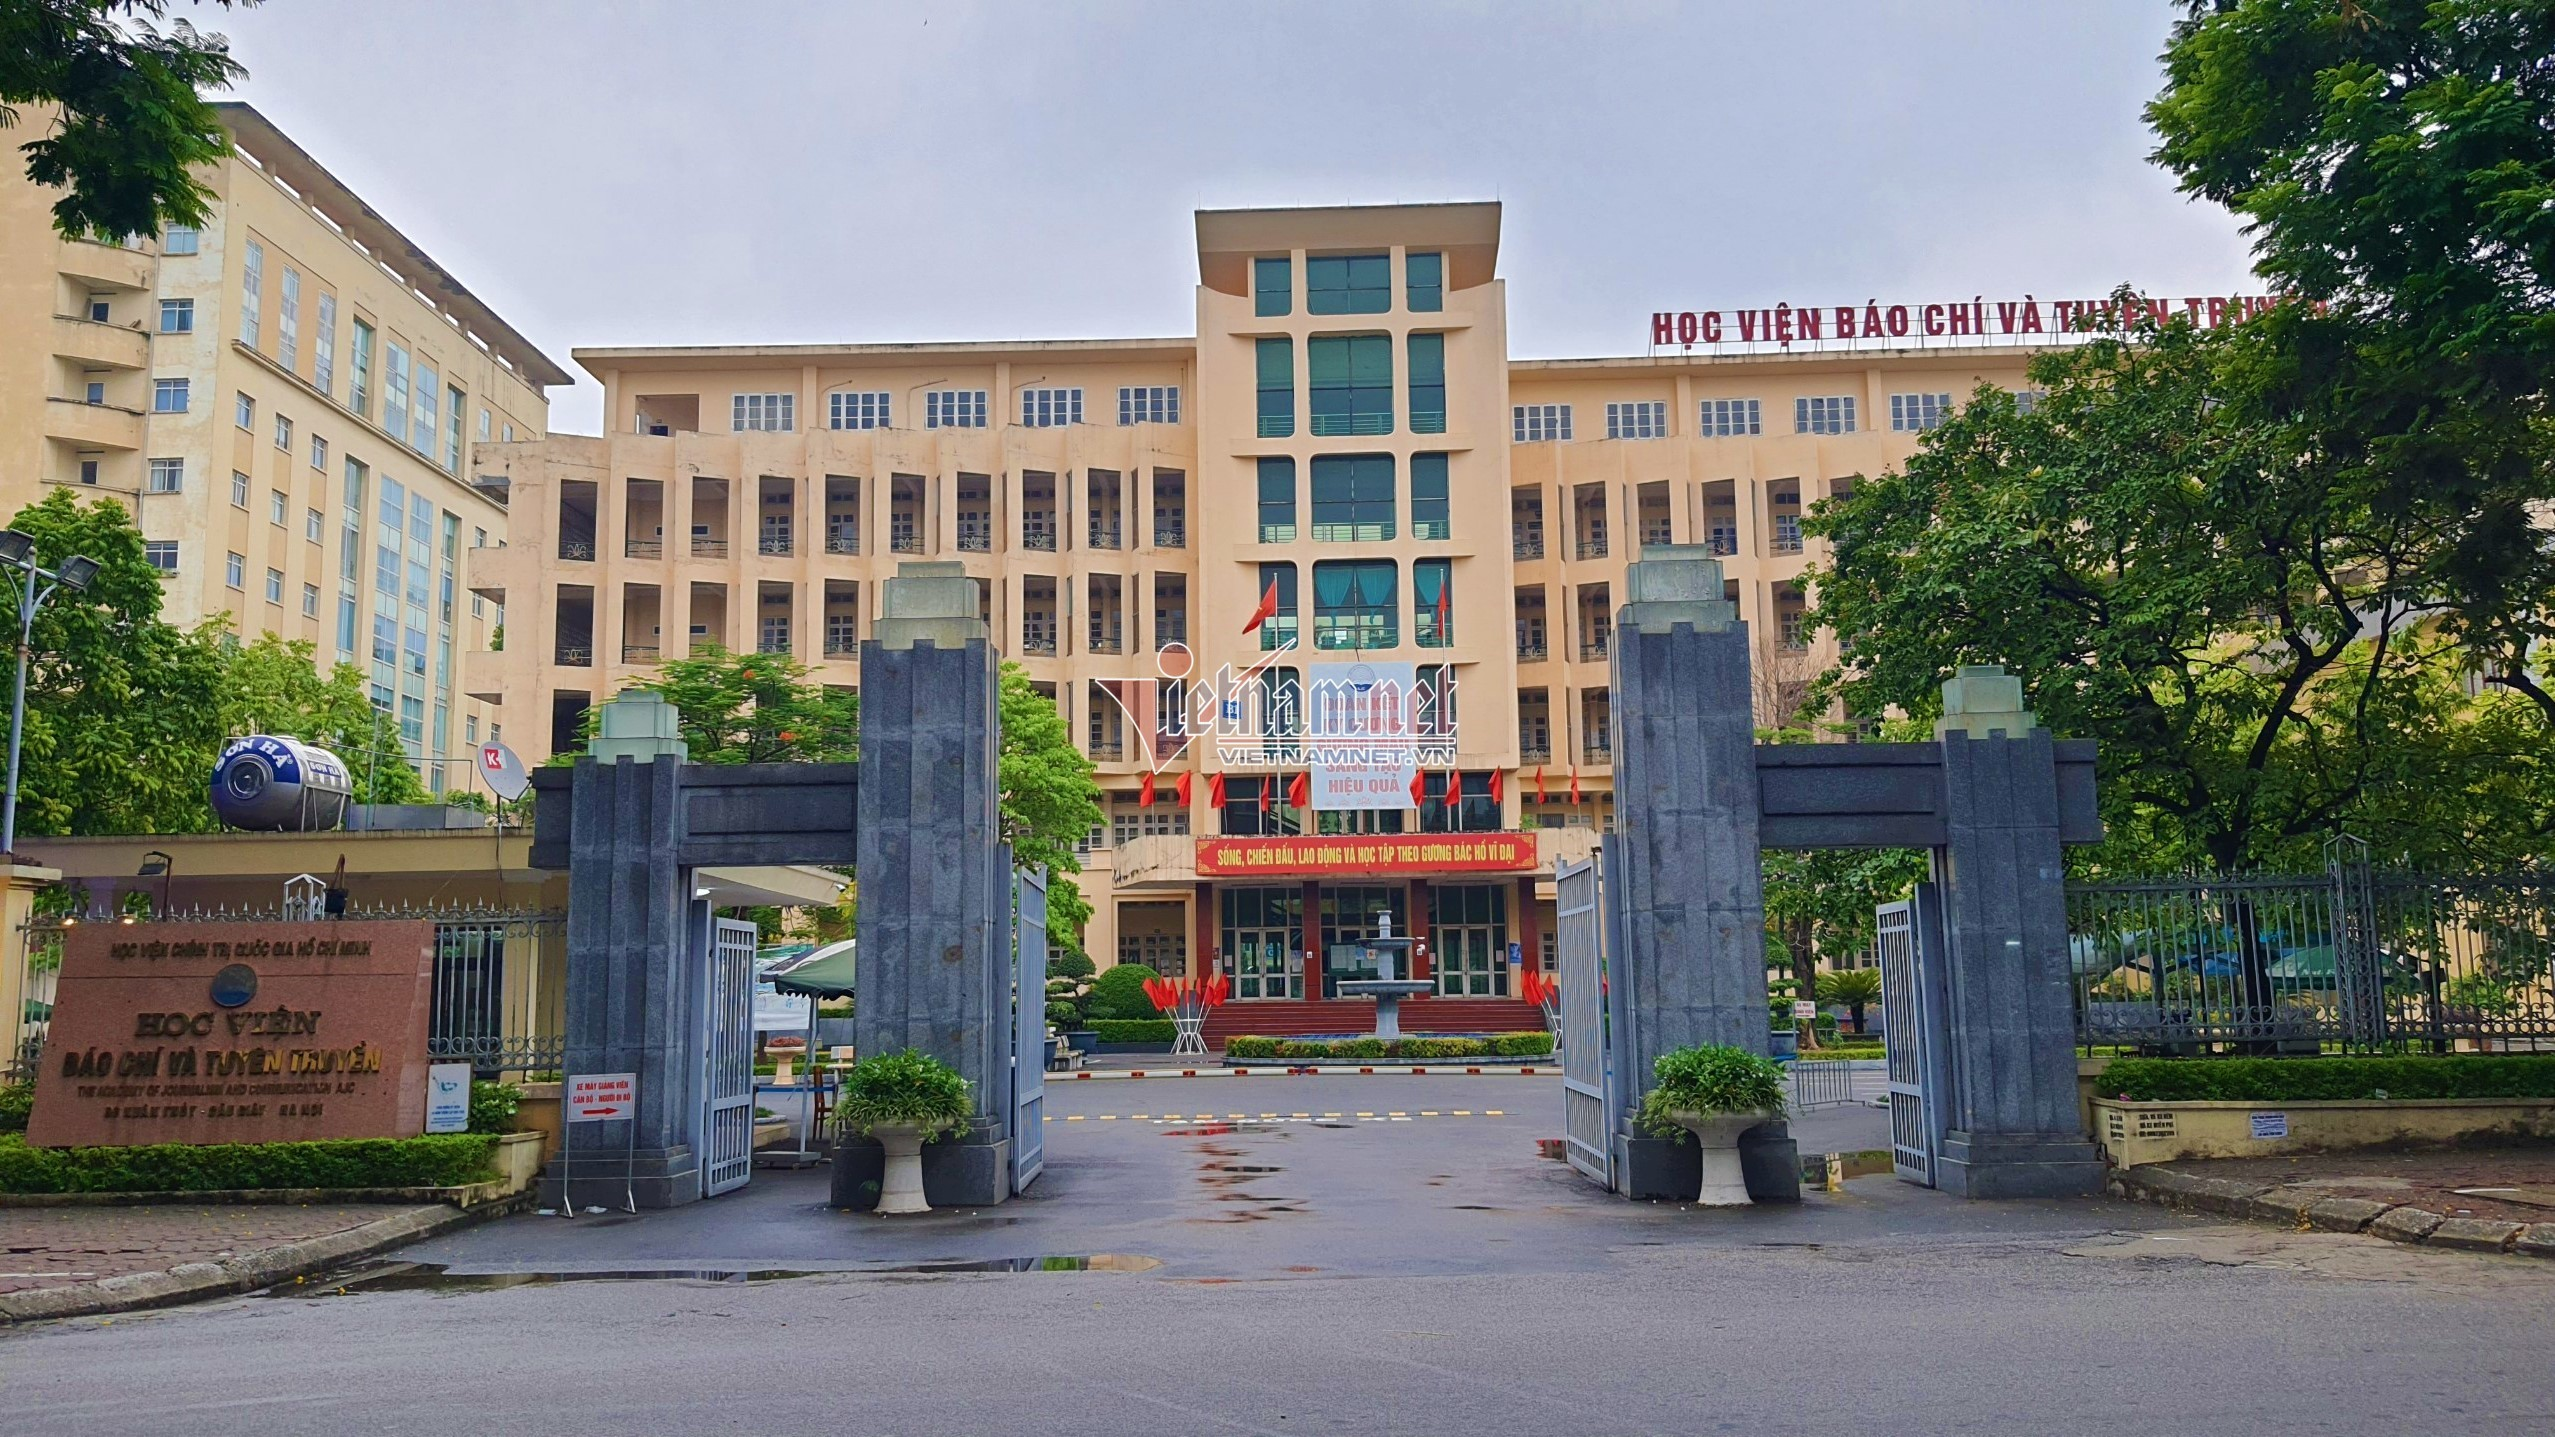 Học viện Báo chí Tuyên truyền lên tiếng về quyết định thu học phí gây tranh cãi